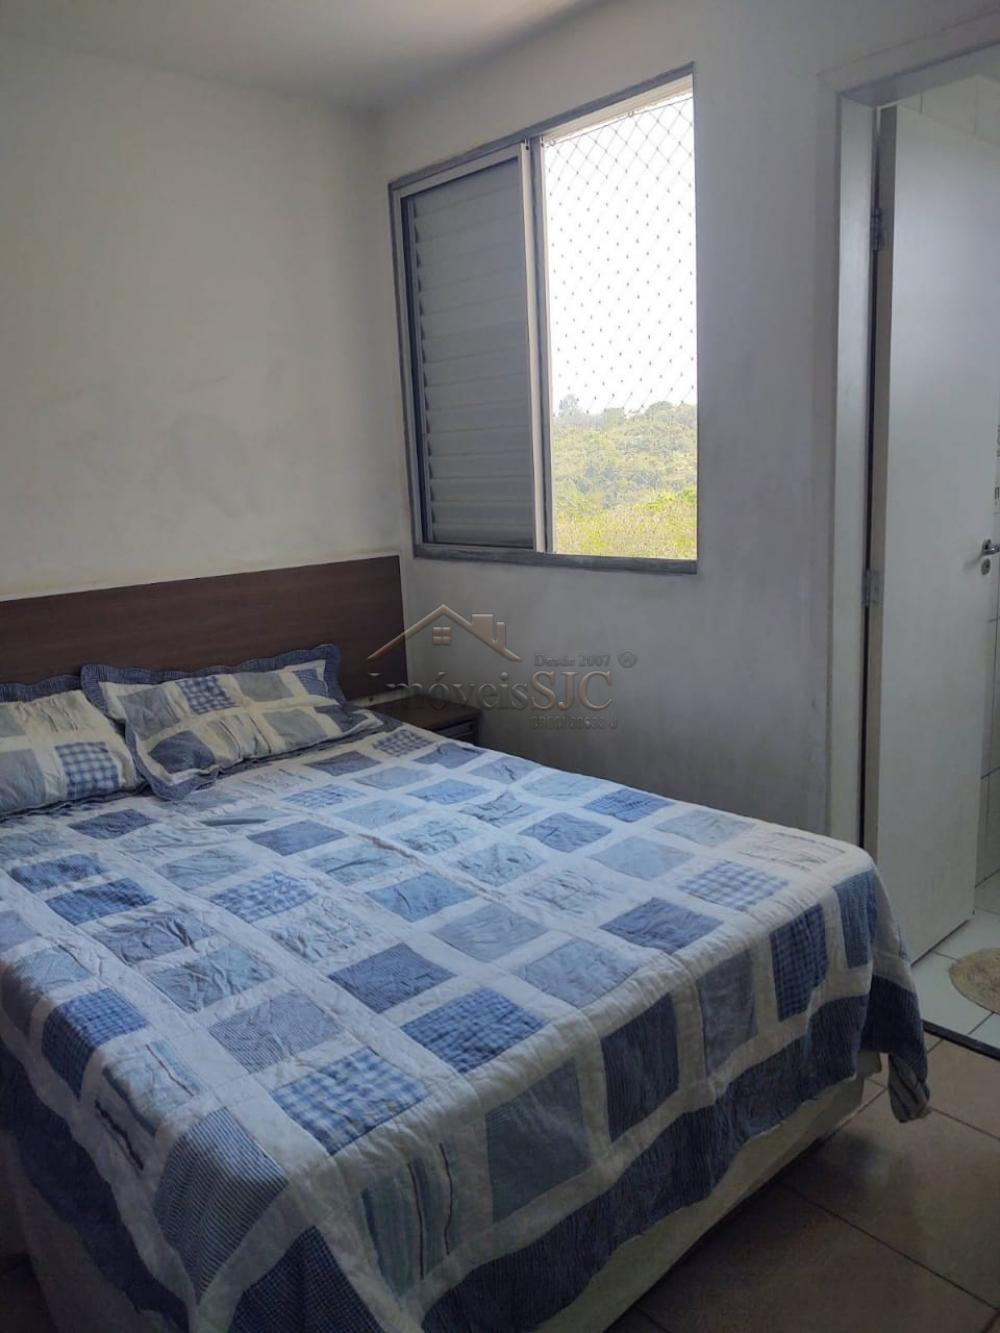 Comprar Apartamentos / Padrão em São José dos Campos apenas R$ 213.000,00 - Foto 11